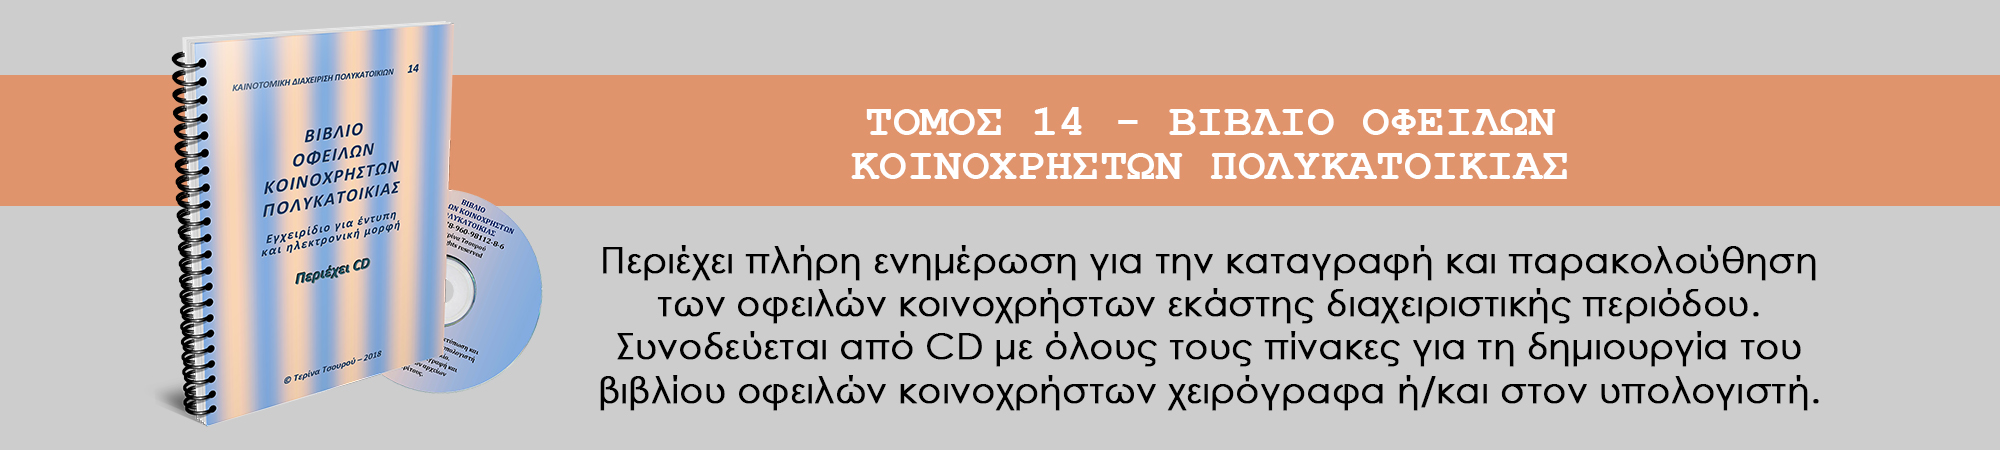 ΒΙΒΛΙΟ ΟΦΕΙΛΩΝ_-τομος 14